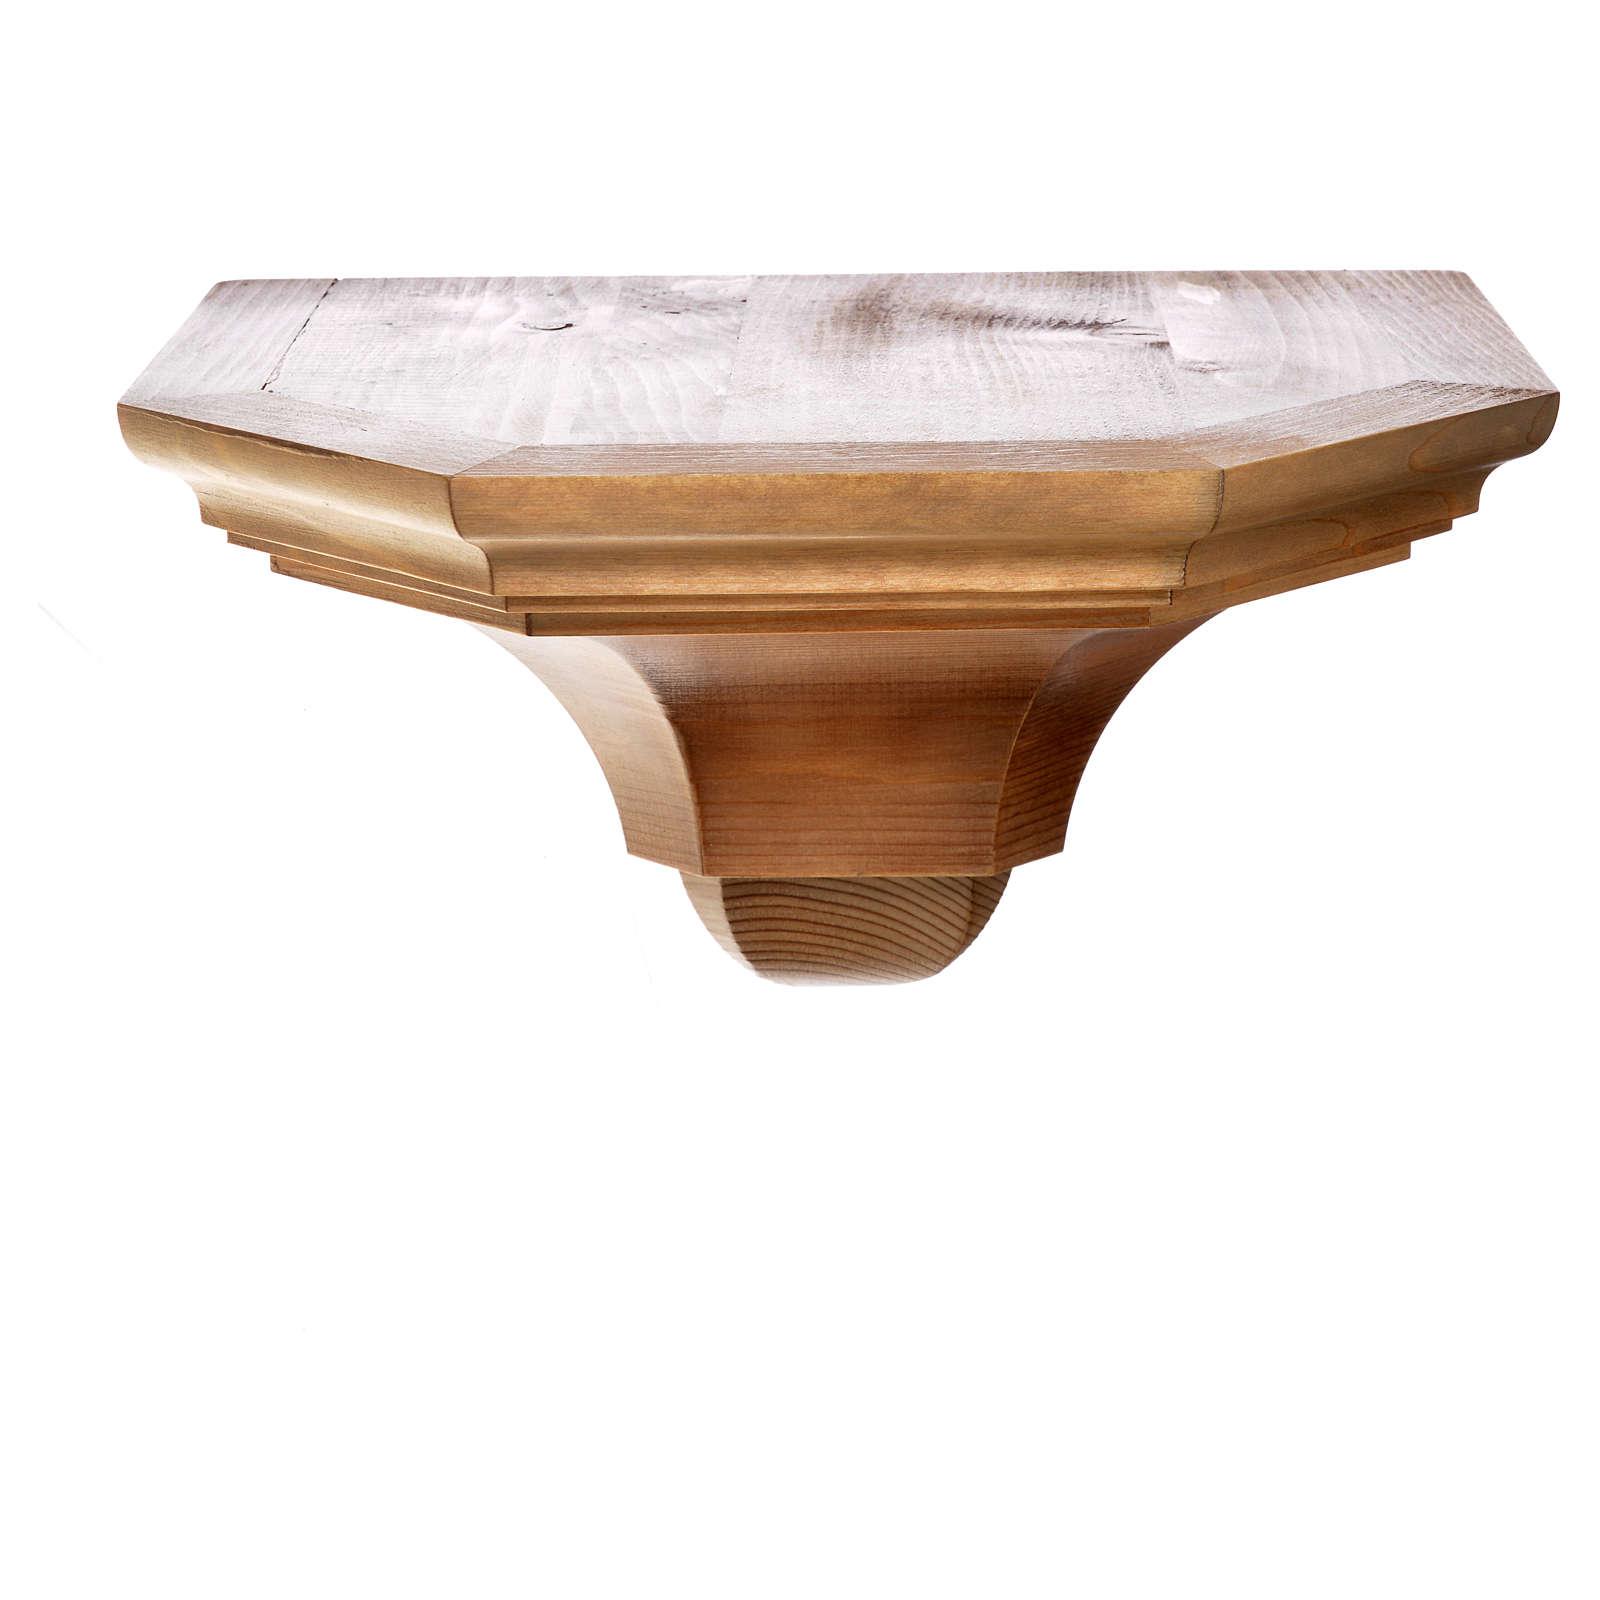 Ménsula pared gótica de madera varias patinaduras 22x27cm 4